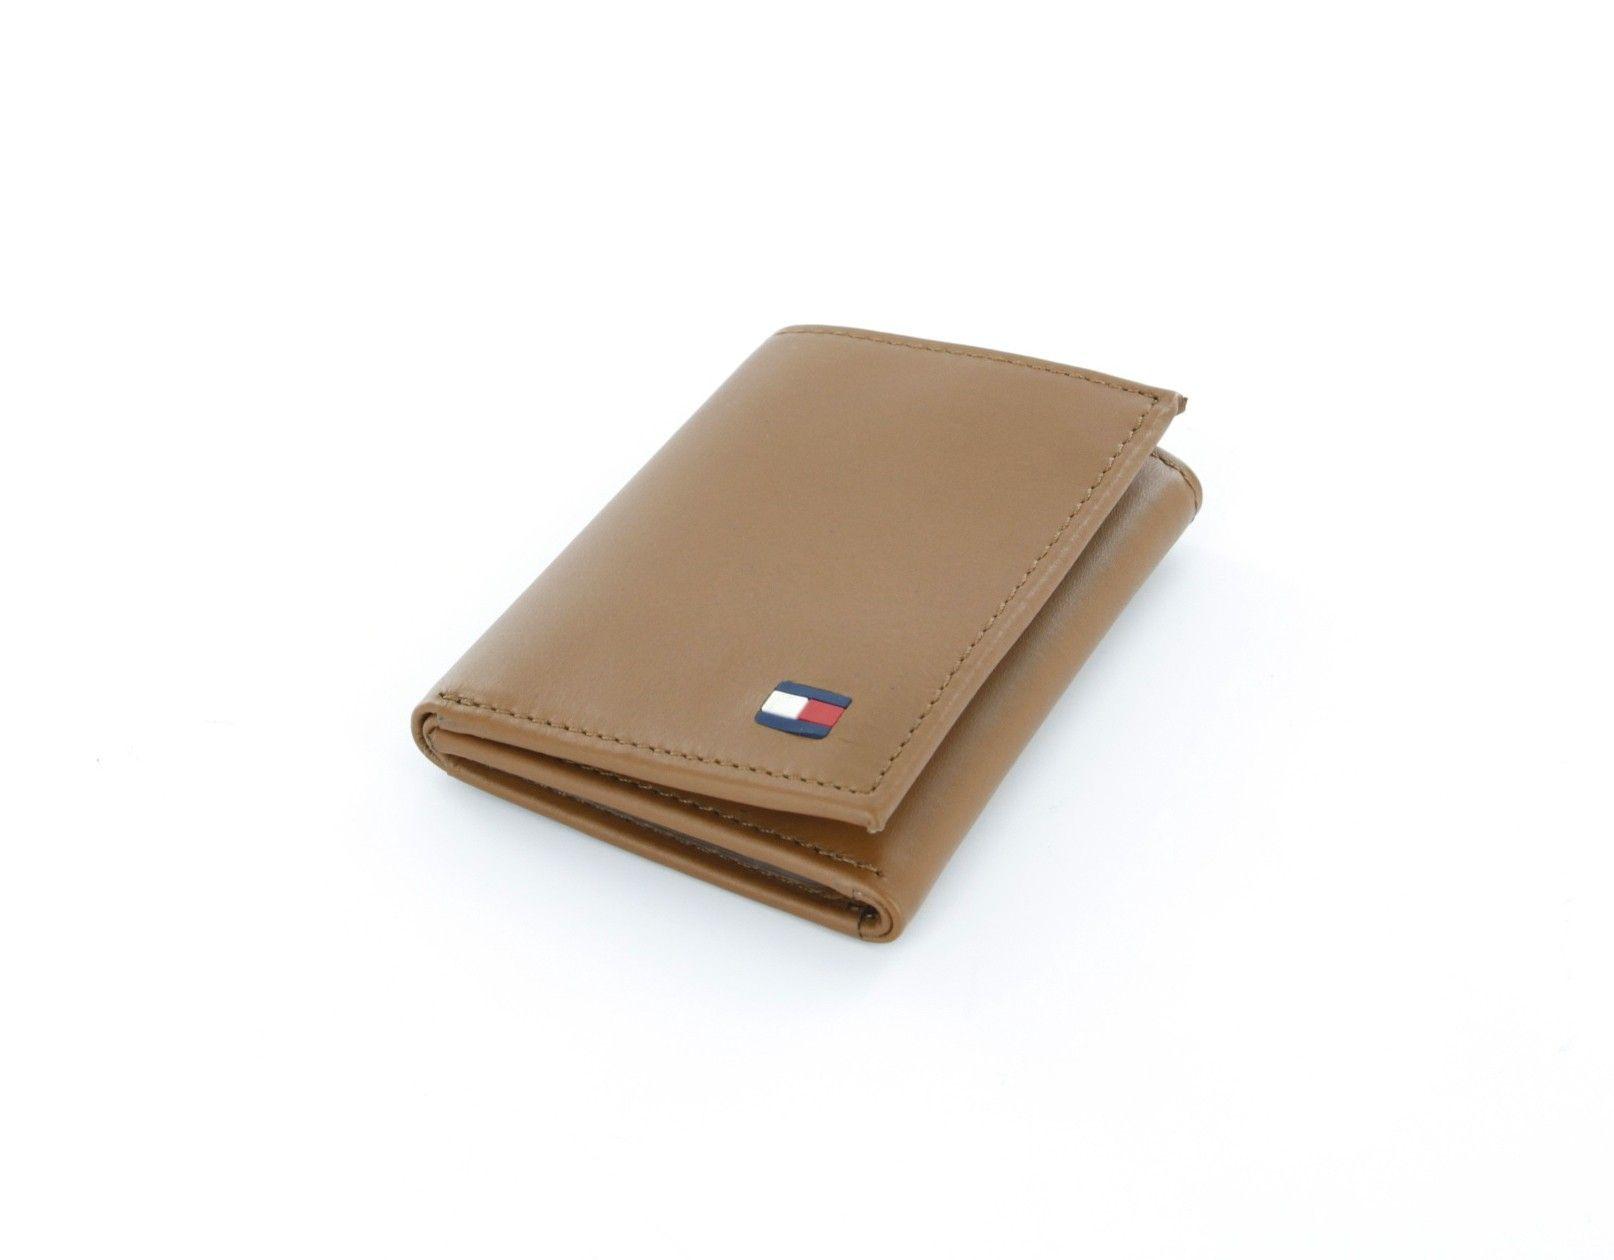 محافظ رجالية تومي هيلفيغر حراج Tommy Hilfiger Wallet Leather Leather Trifold Wallet